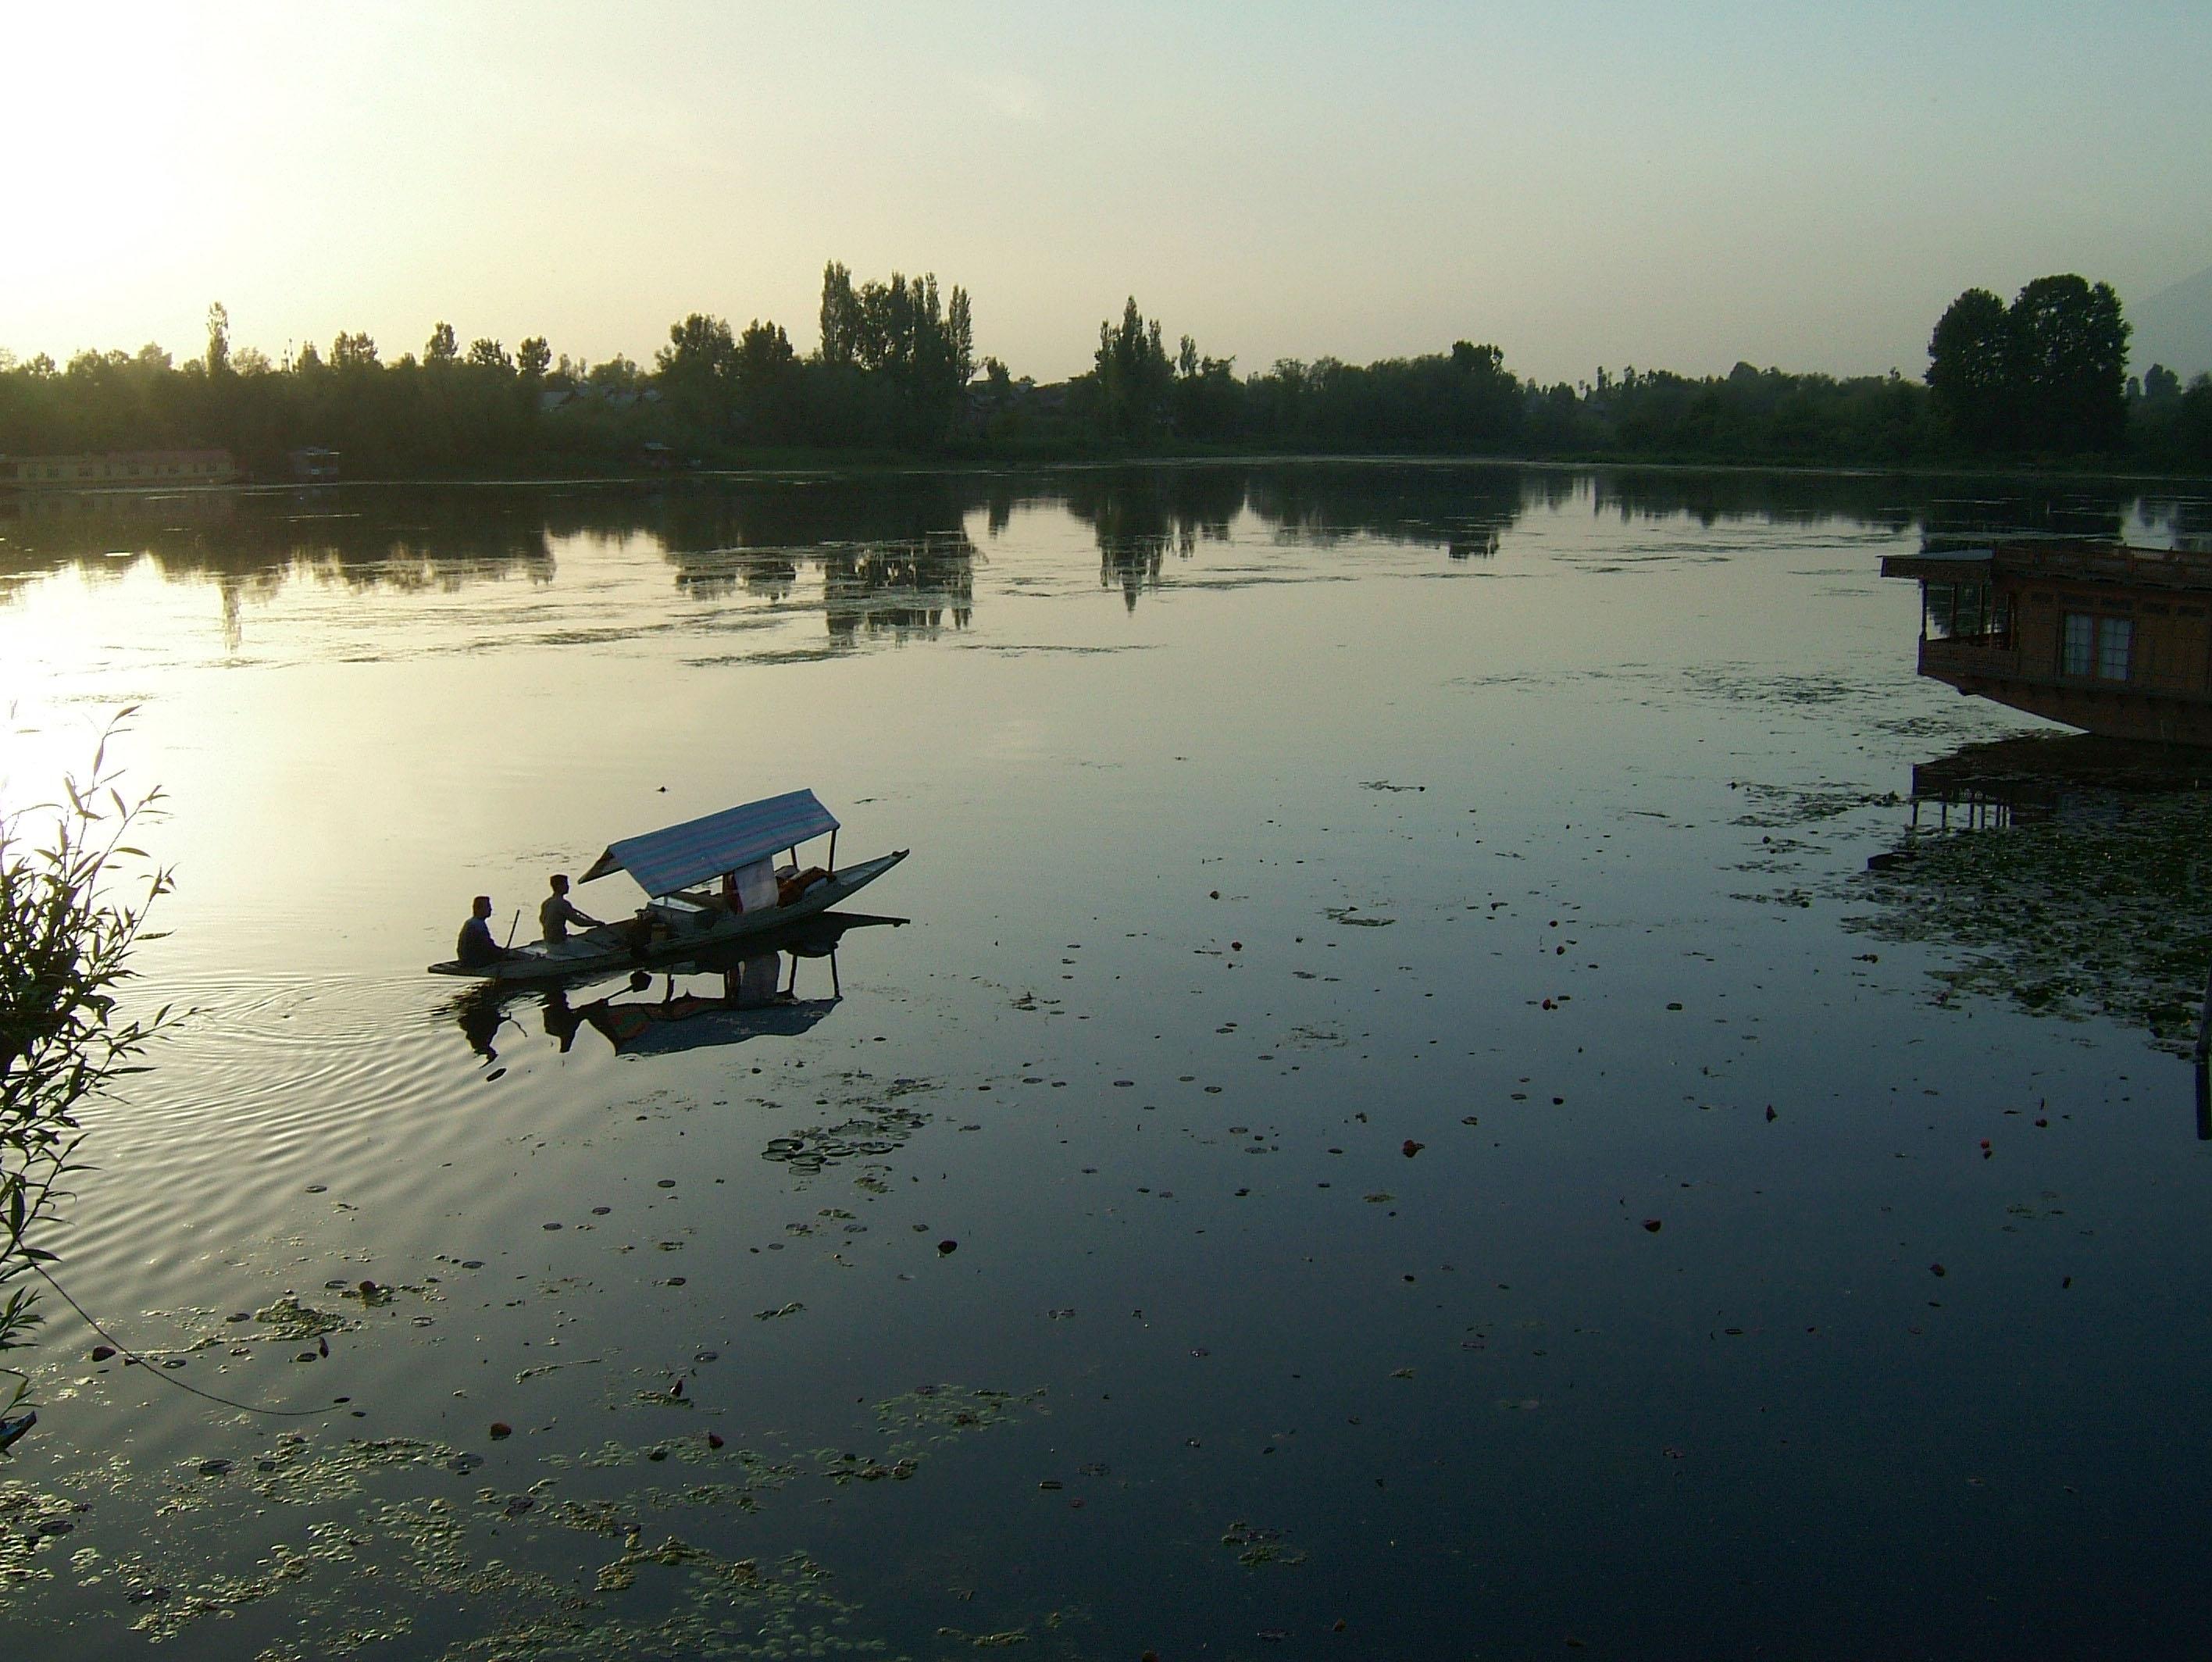 Kashmir Srinagar Shikaras Dal lake India Apr 2004 07